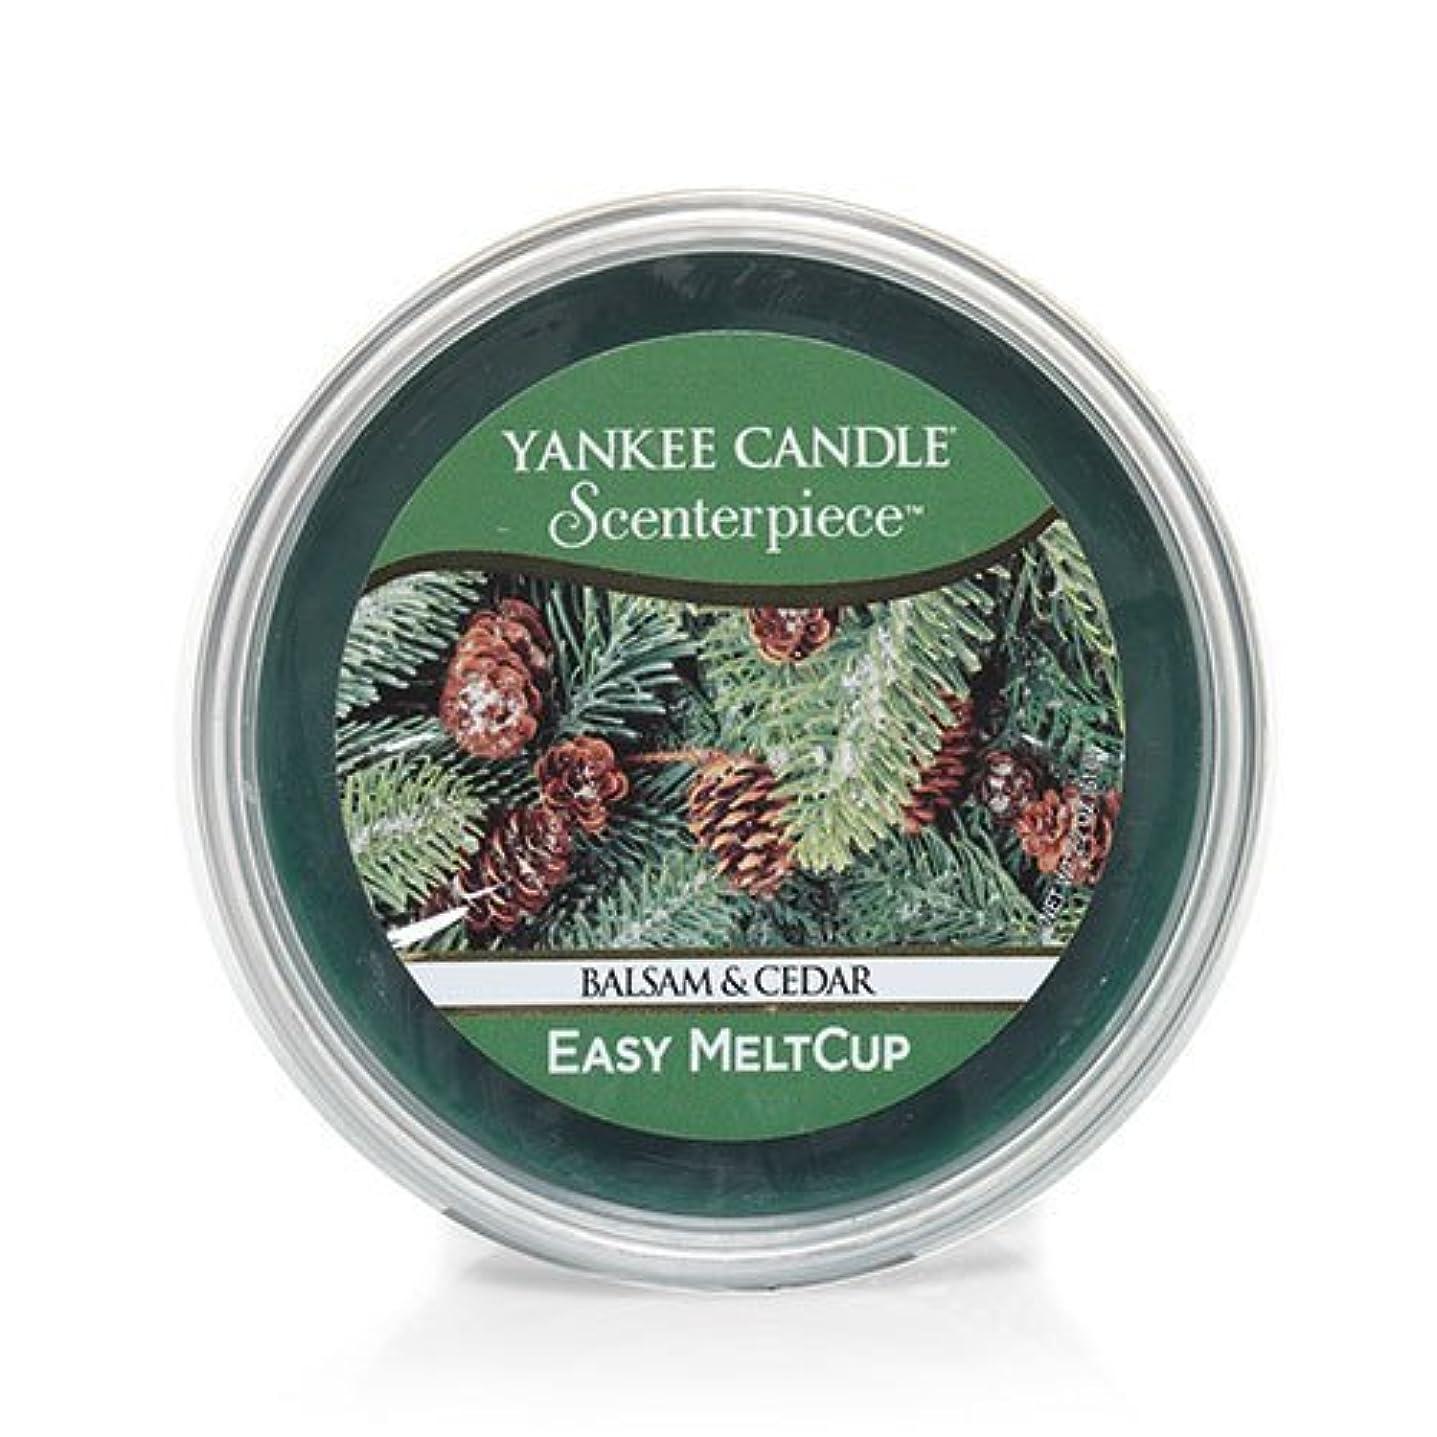 噂稚魚動く(ヤンキーキャンドル) Yankee Candle ラージ 22オンス ジャーキャンドル バルサム&シダー Scenterpiece Easy MeltCups 1316938-YC